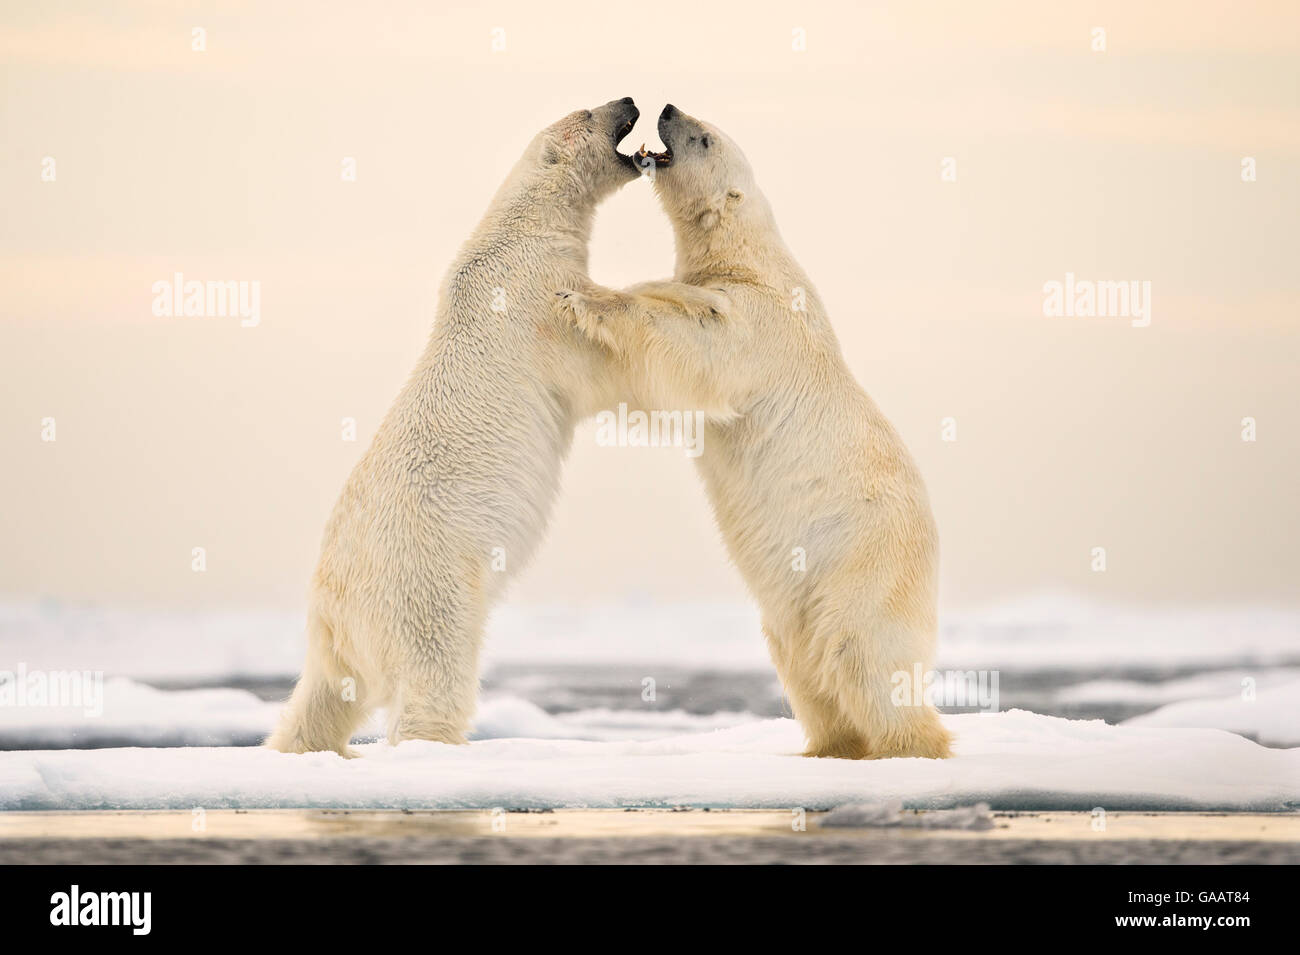 Los osos polares (Ursus maritimus) cortejando en ocean ice norte de Spitsbergen, Svalbard, Noruega, Julio. Imagen De Stock